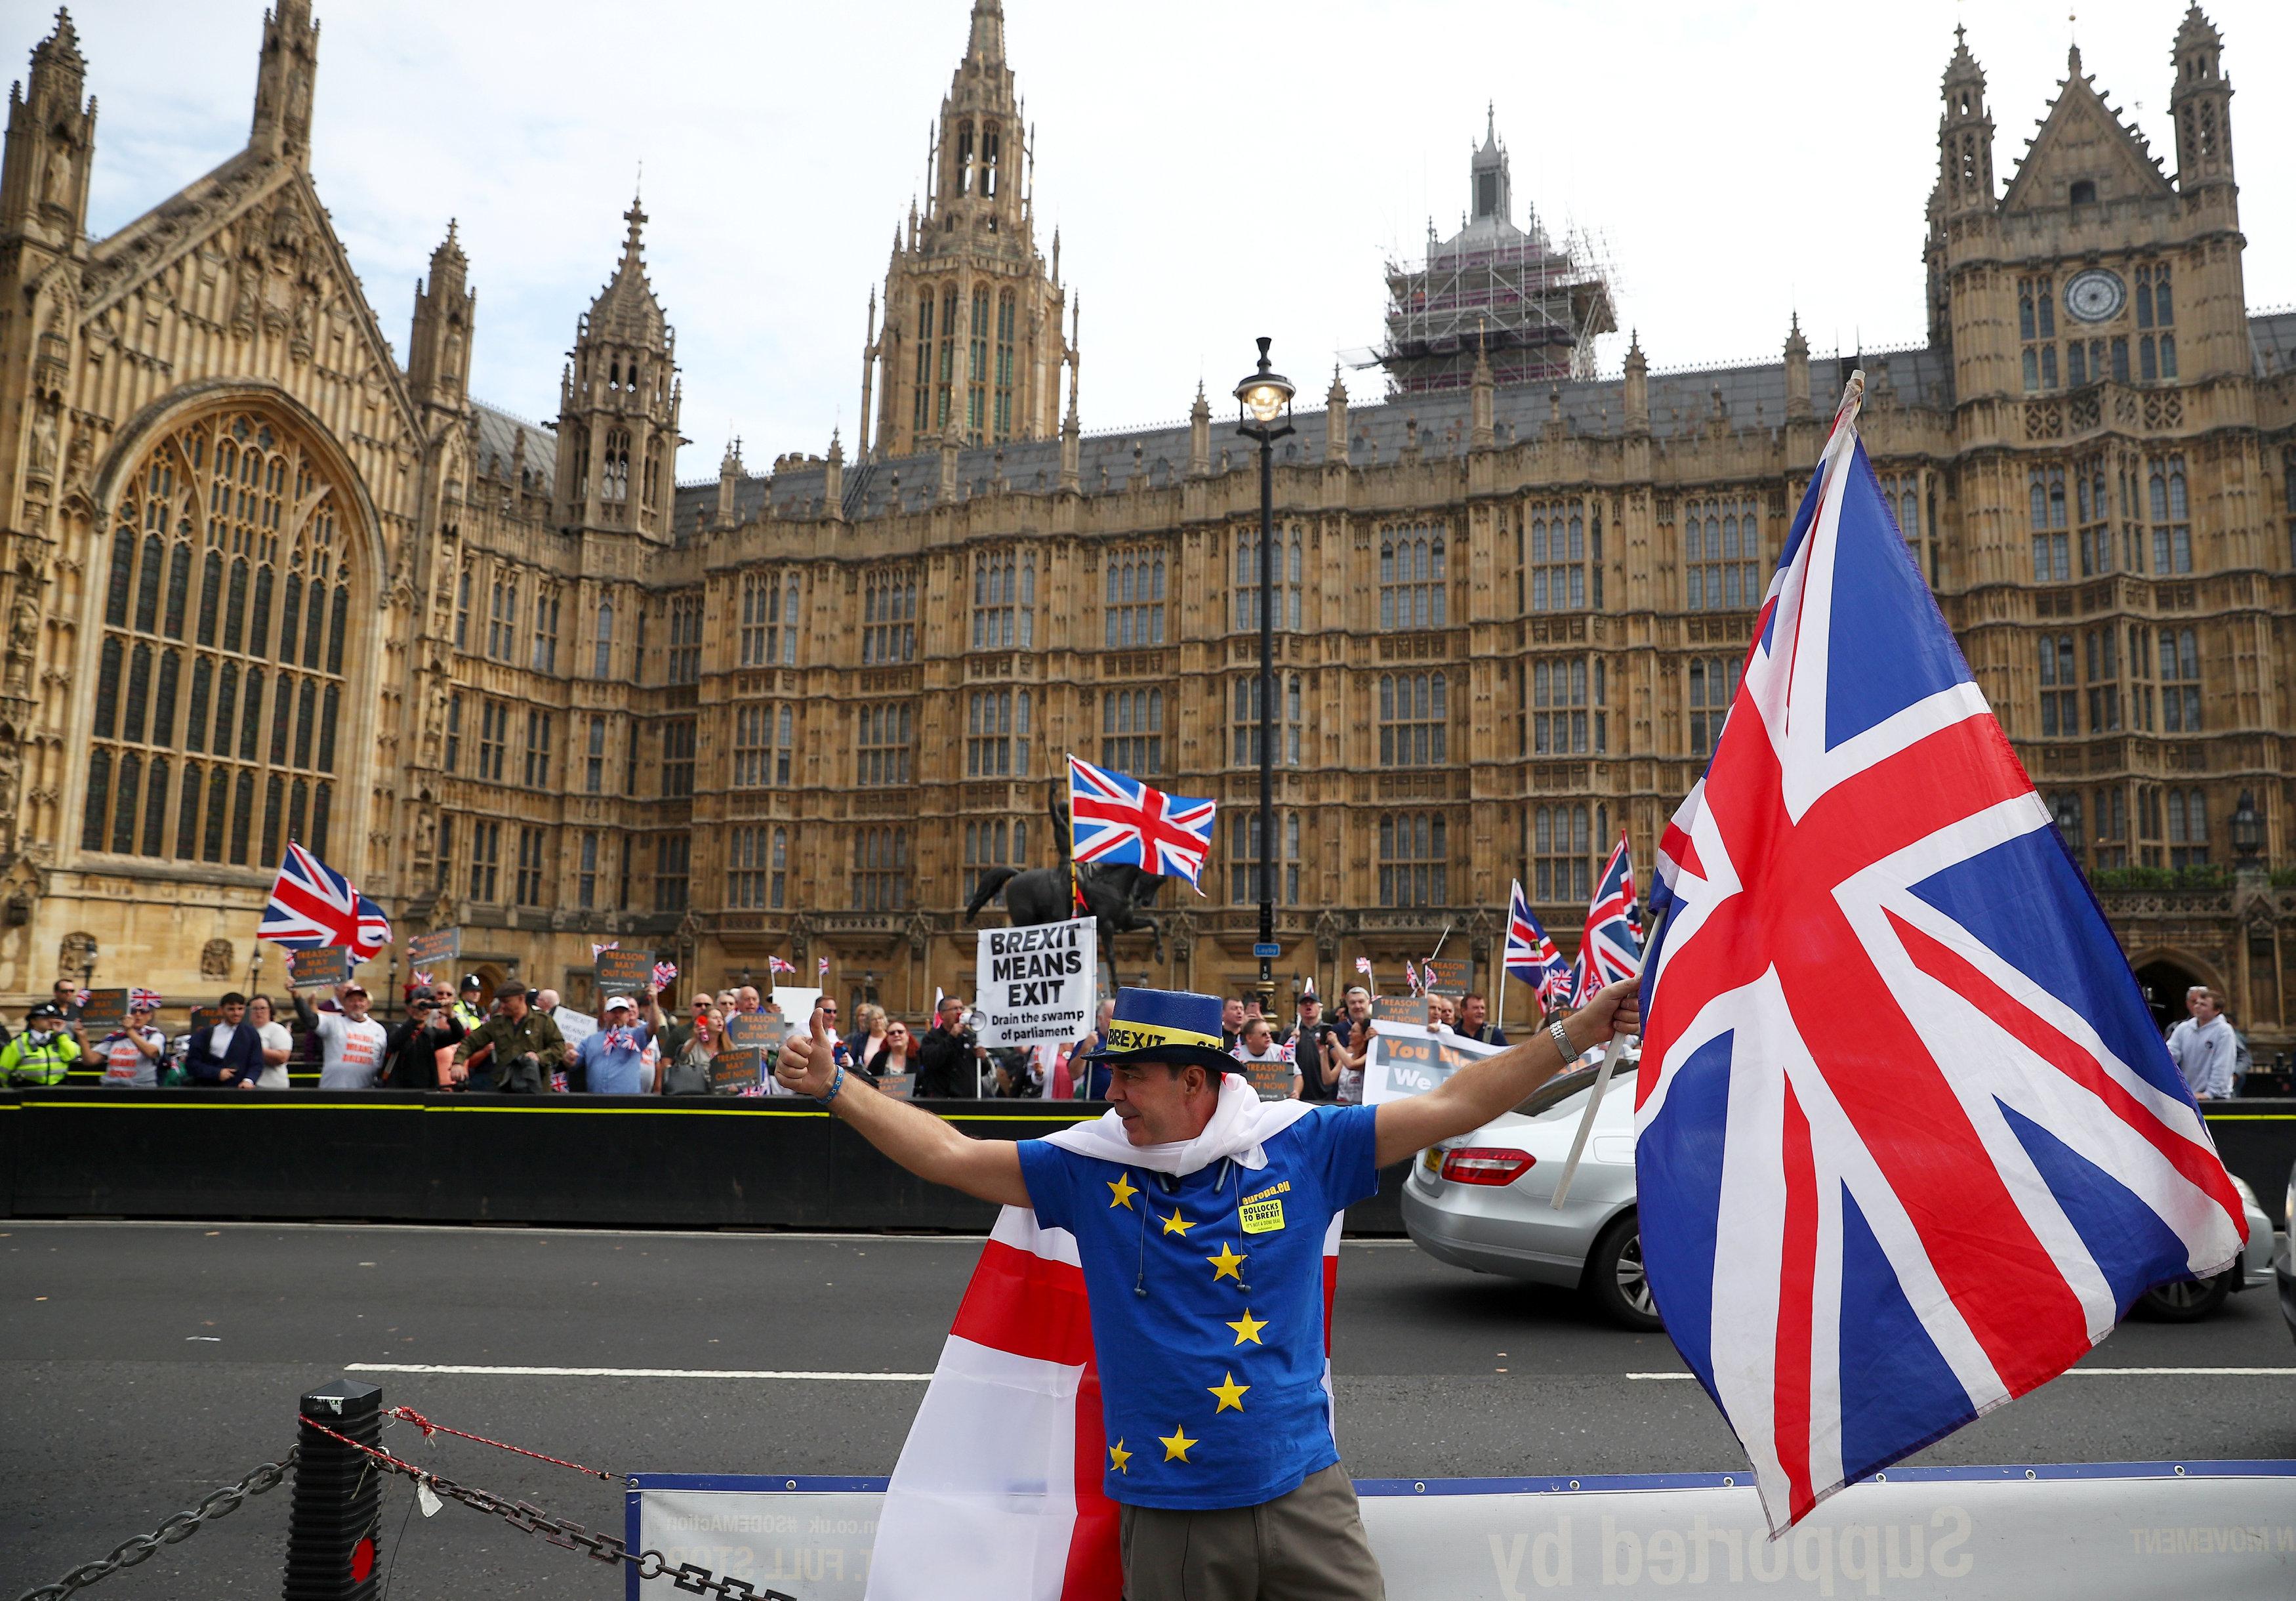 متظاهرون يرتدون أزياء بألوان علم الاتحاد الأوروبى